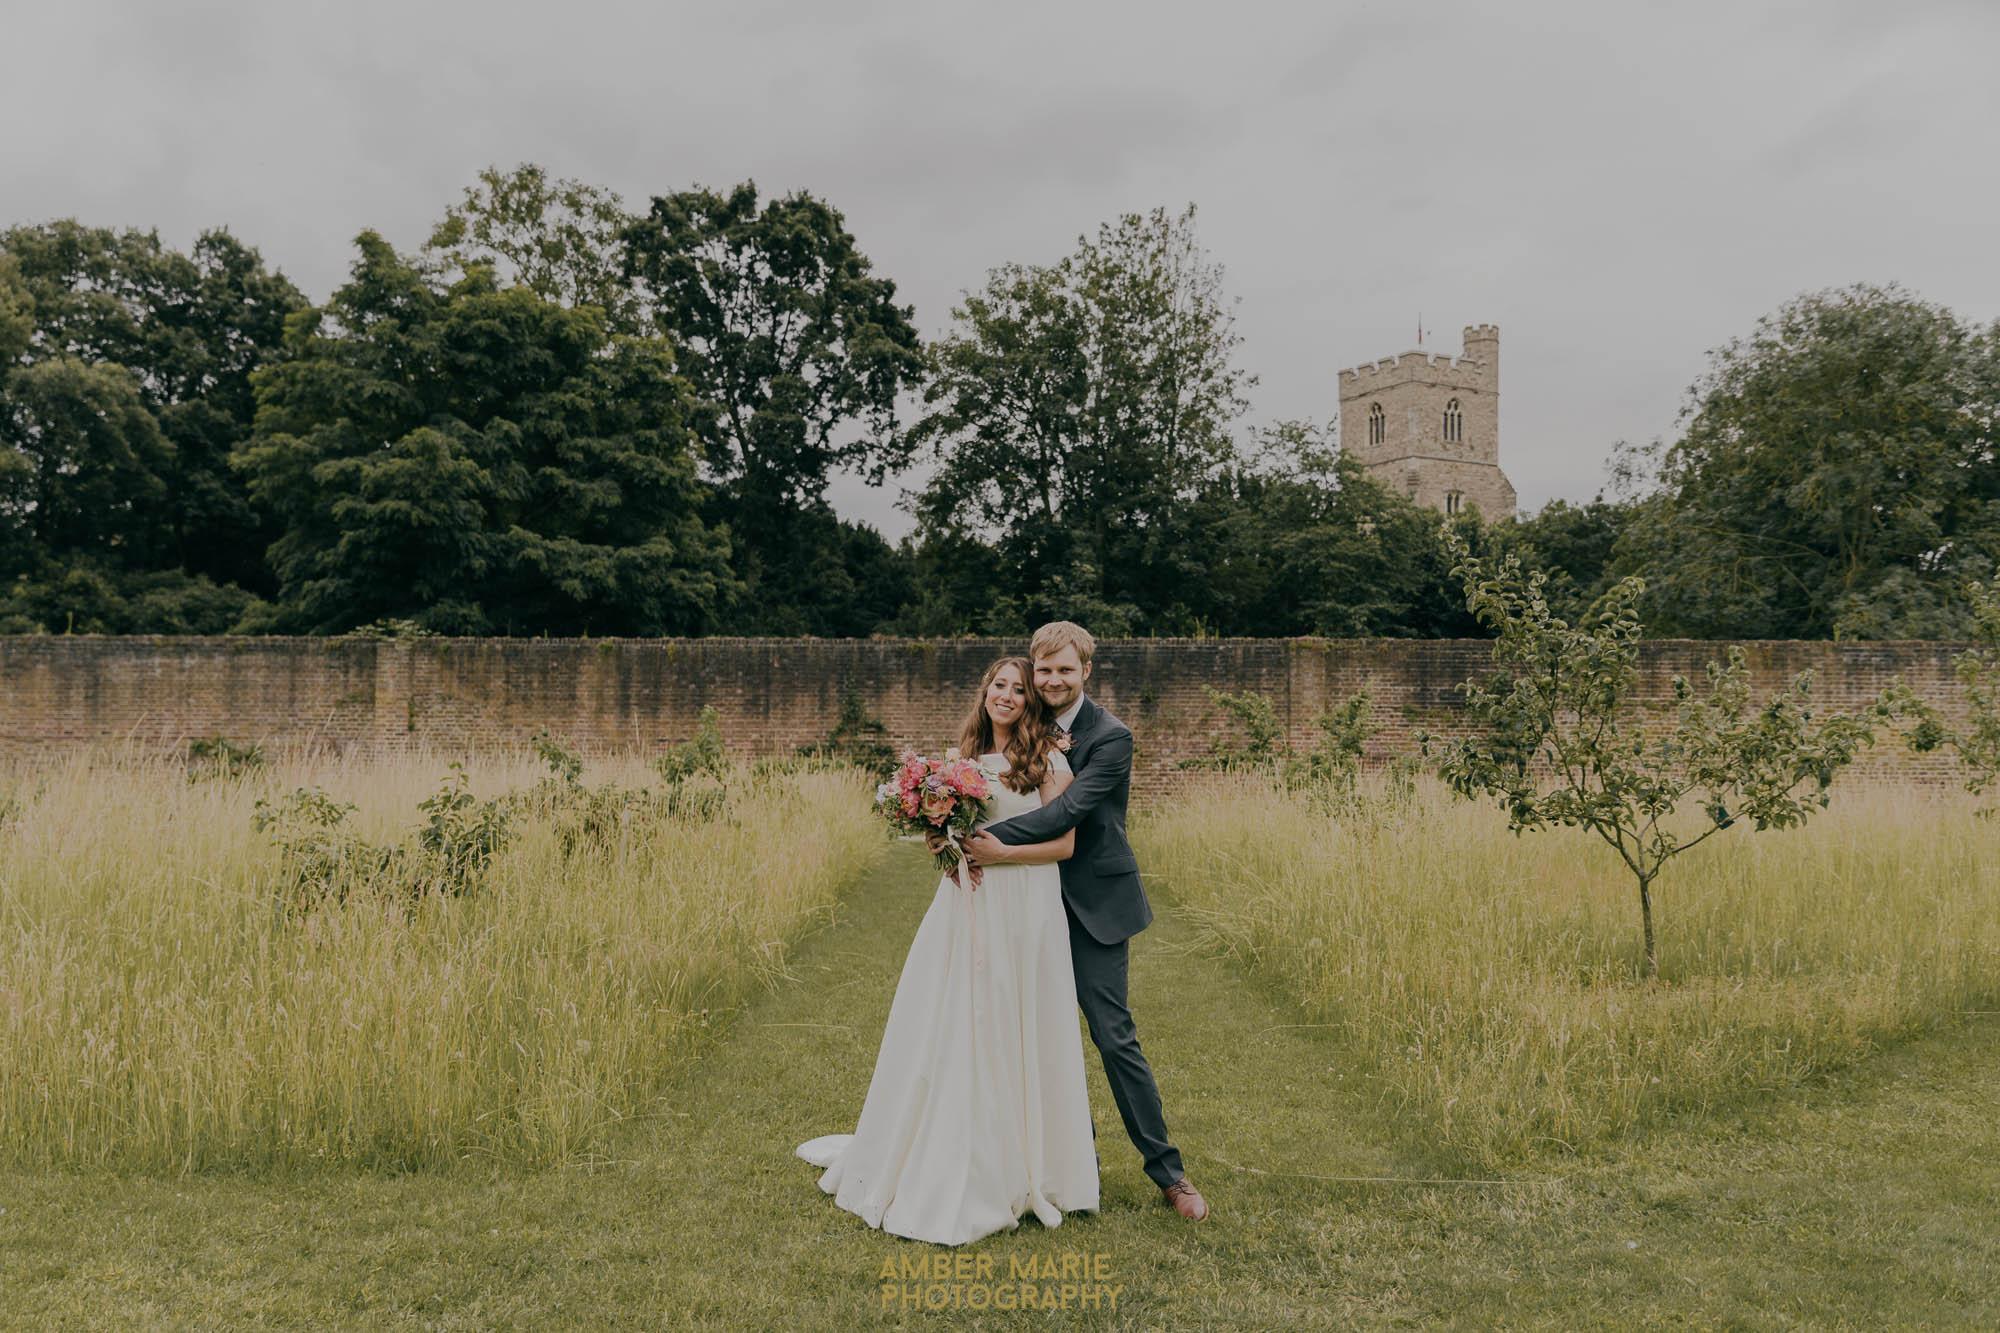 Fulham Palace walled garden wedding photoshoot